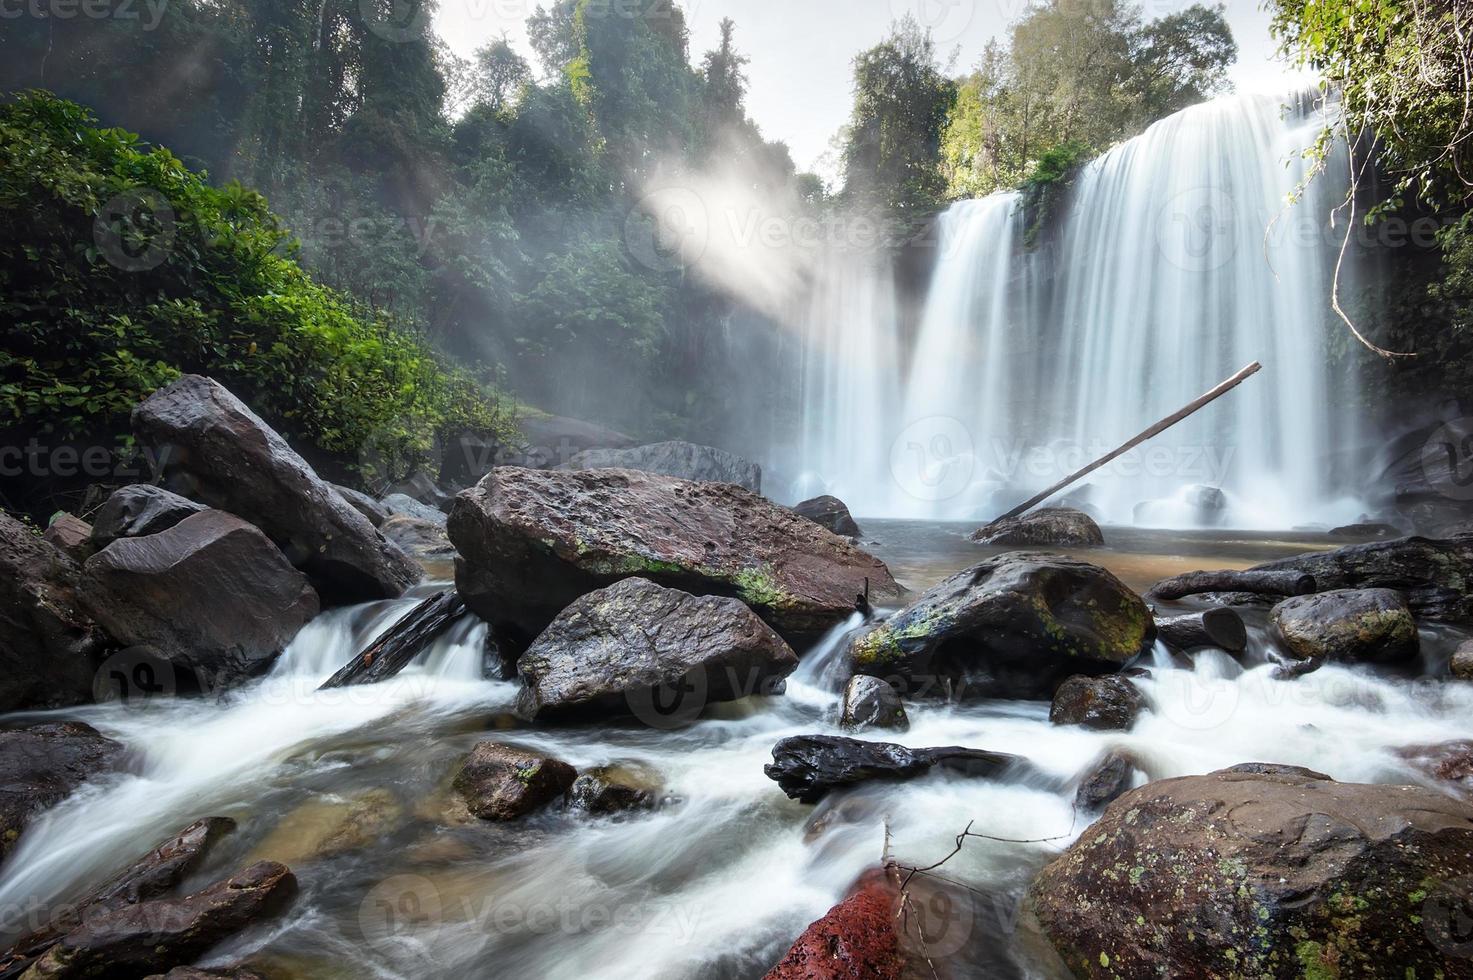 panorama del paesaggio della cascata. fotografia hdri all'aperto foto